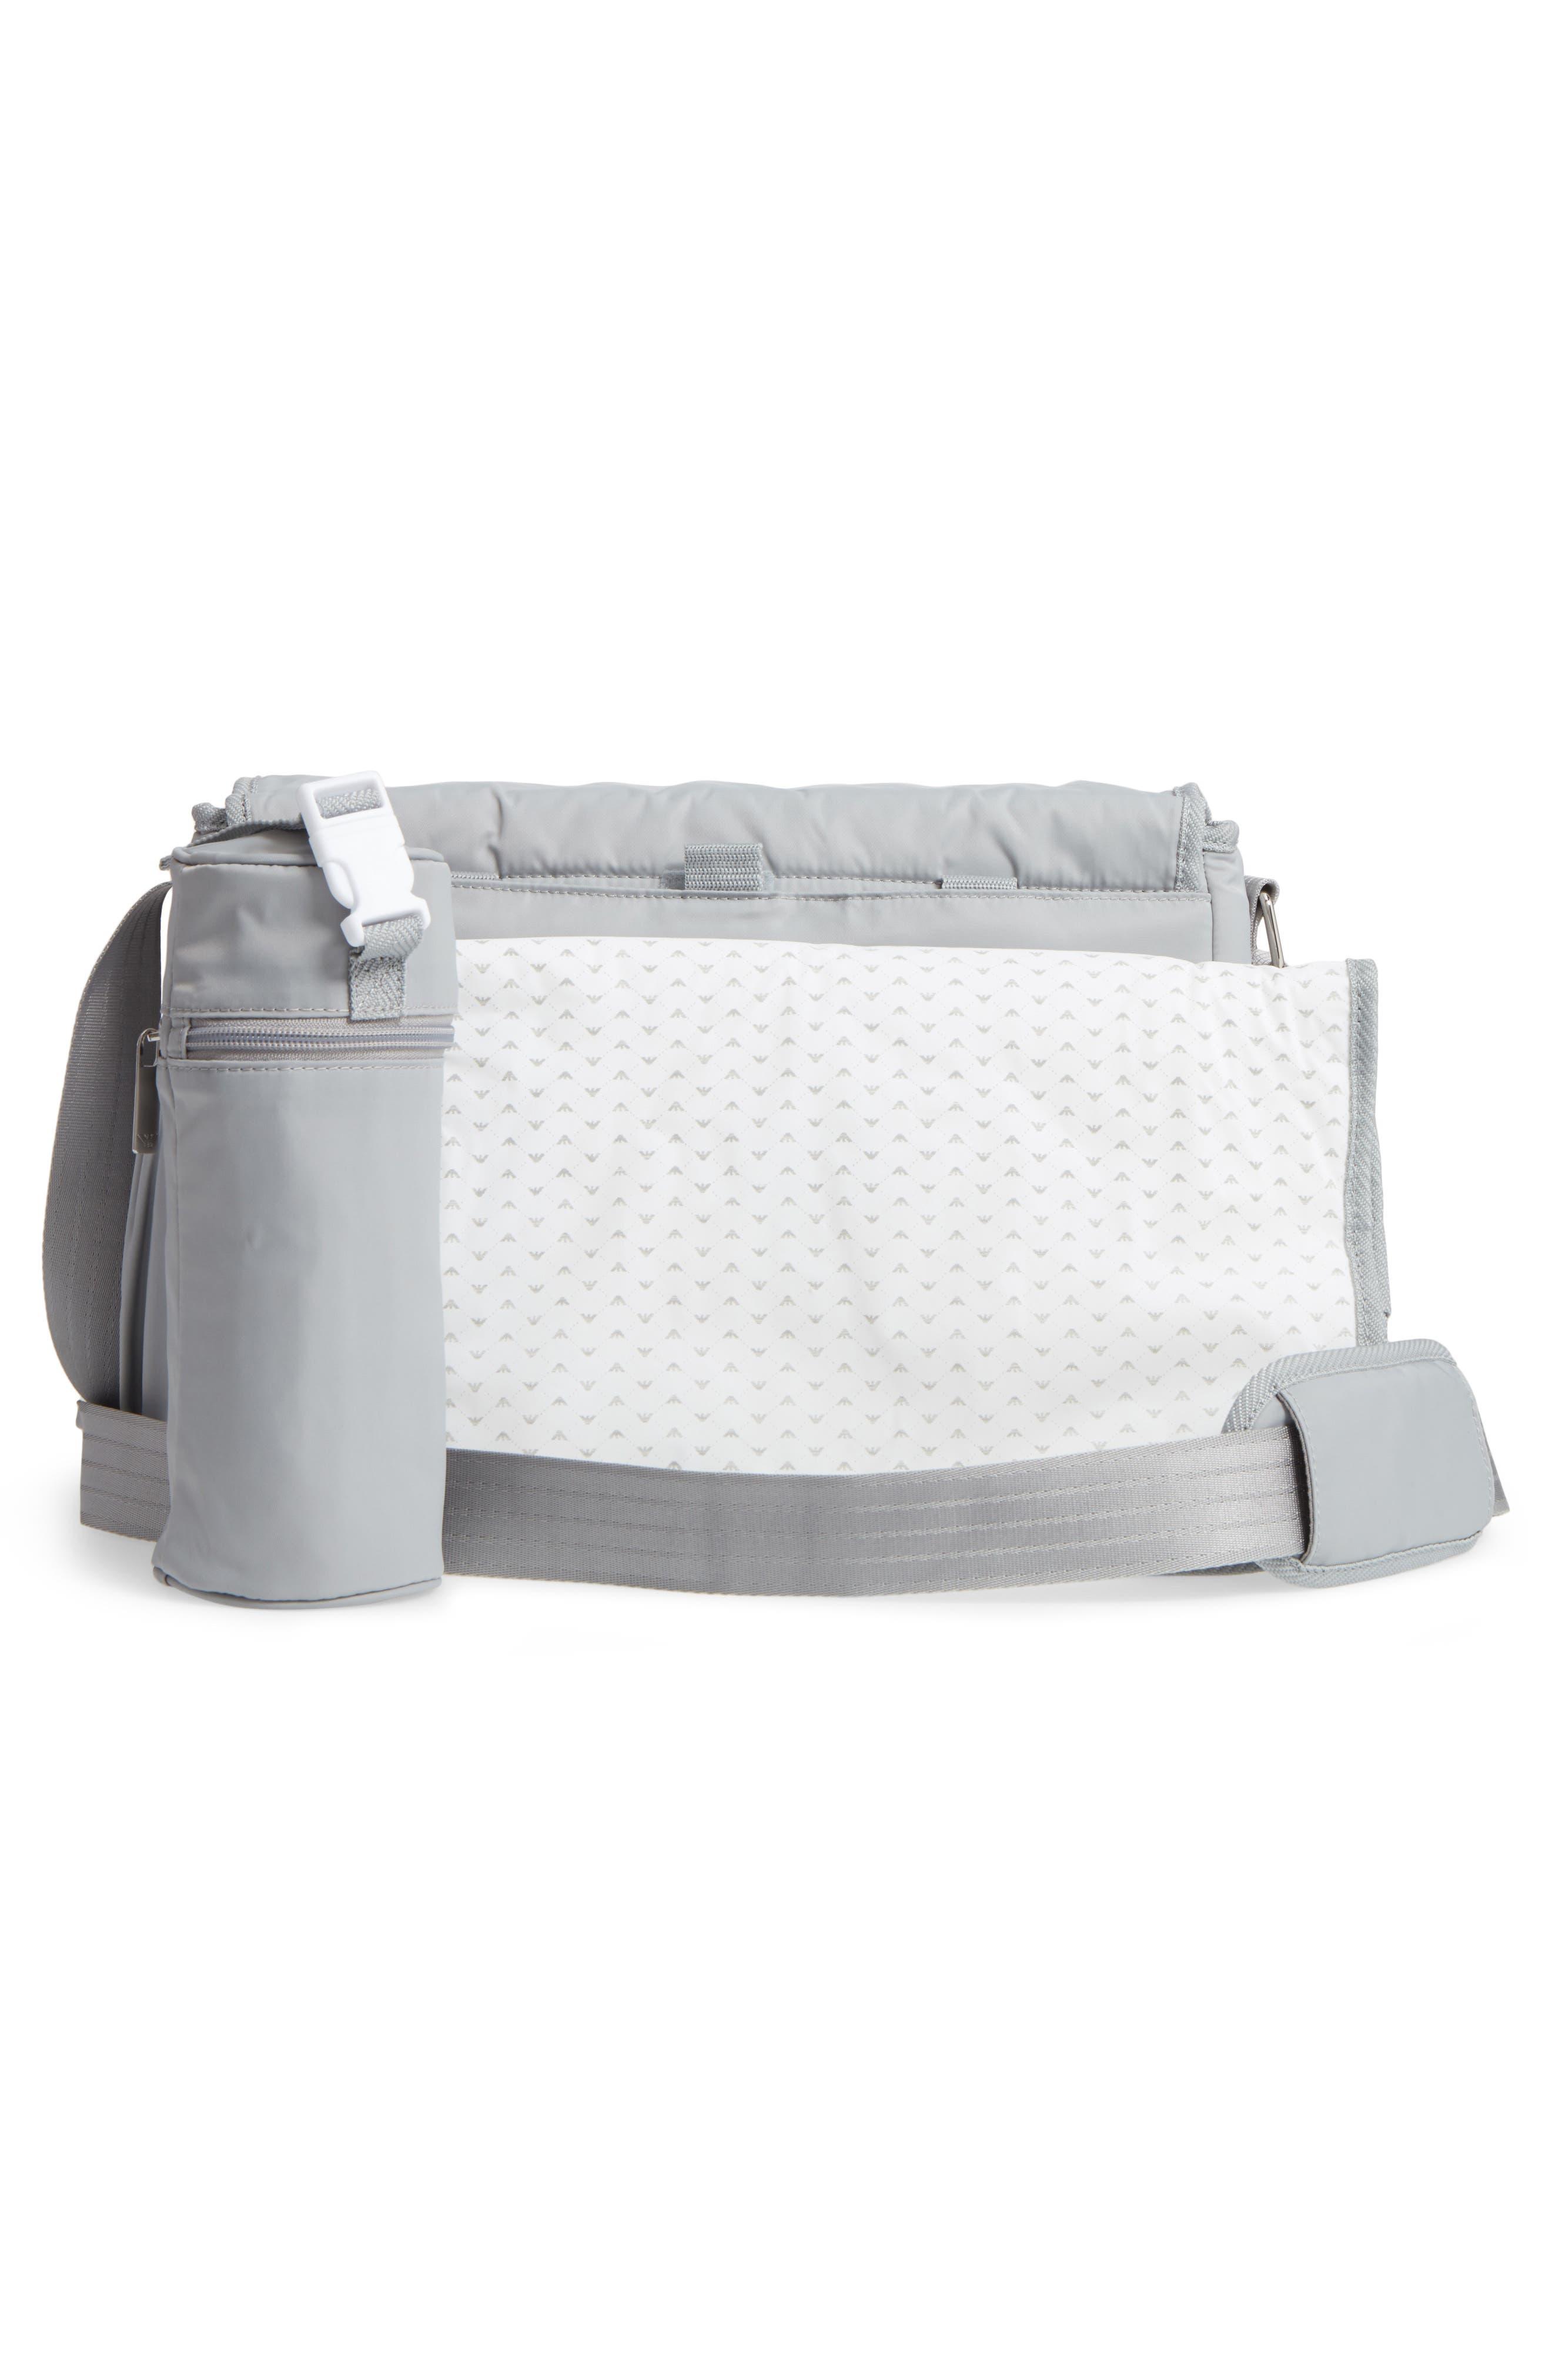 Nylon Messenger Diaper Bag,                             Alternate thumbnail 3, color,                             054